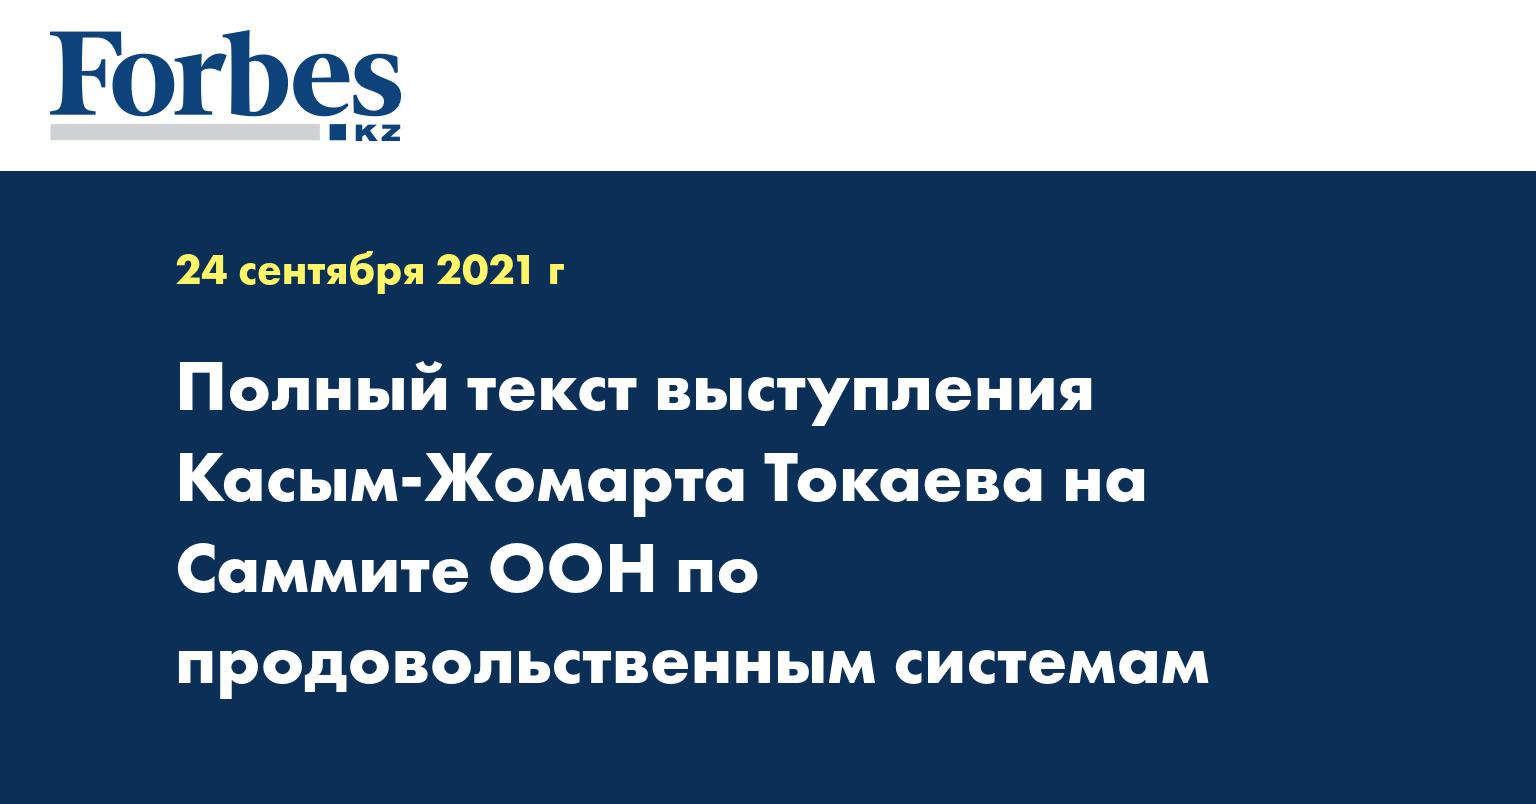 Полный текст выступления Касым-Жомарта Токаева на Саммите ООН по продовольственным системам